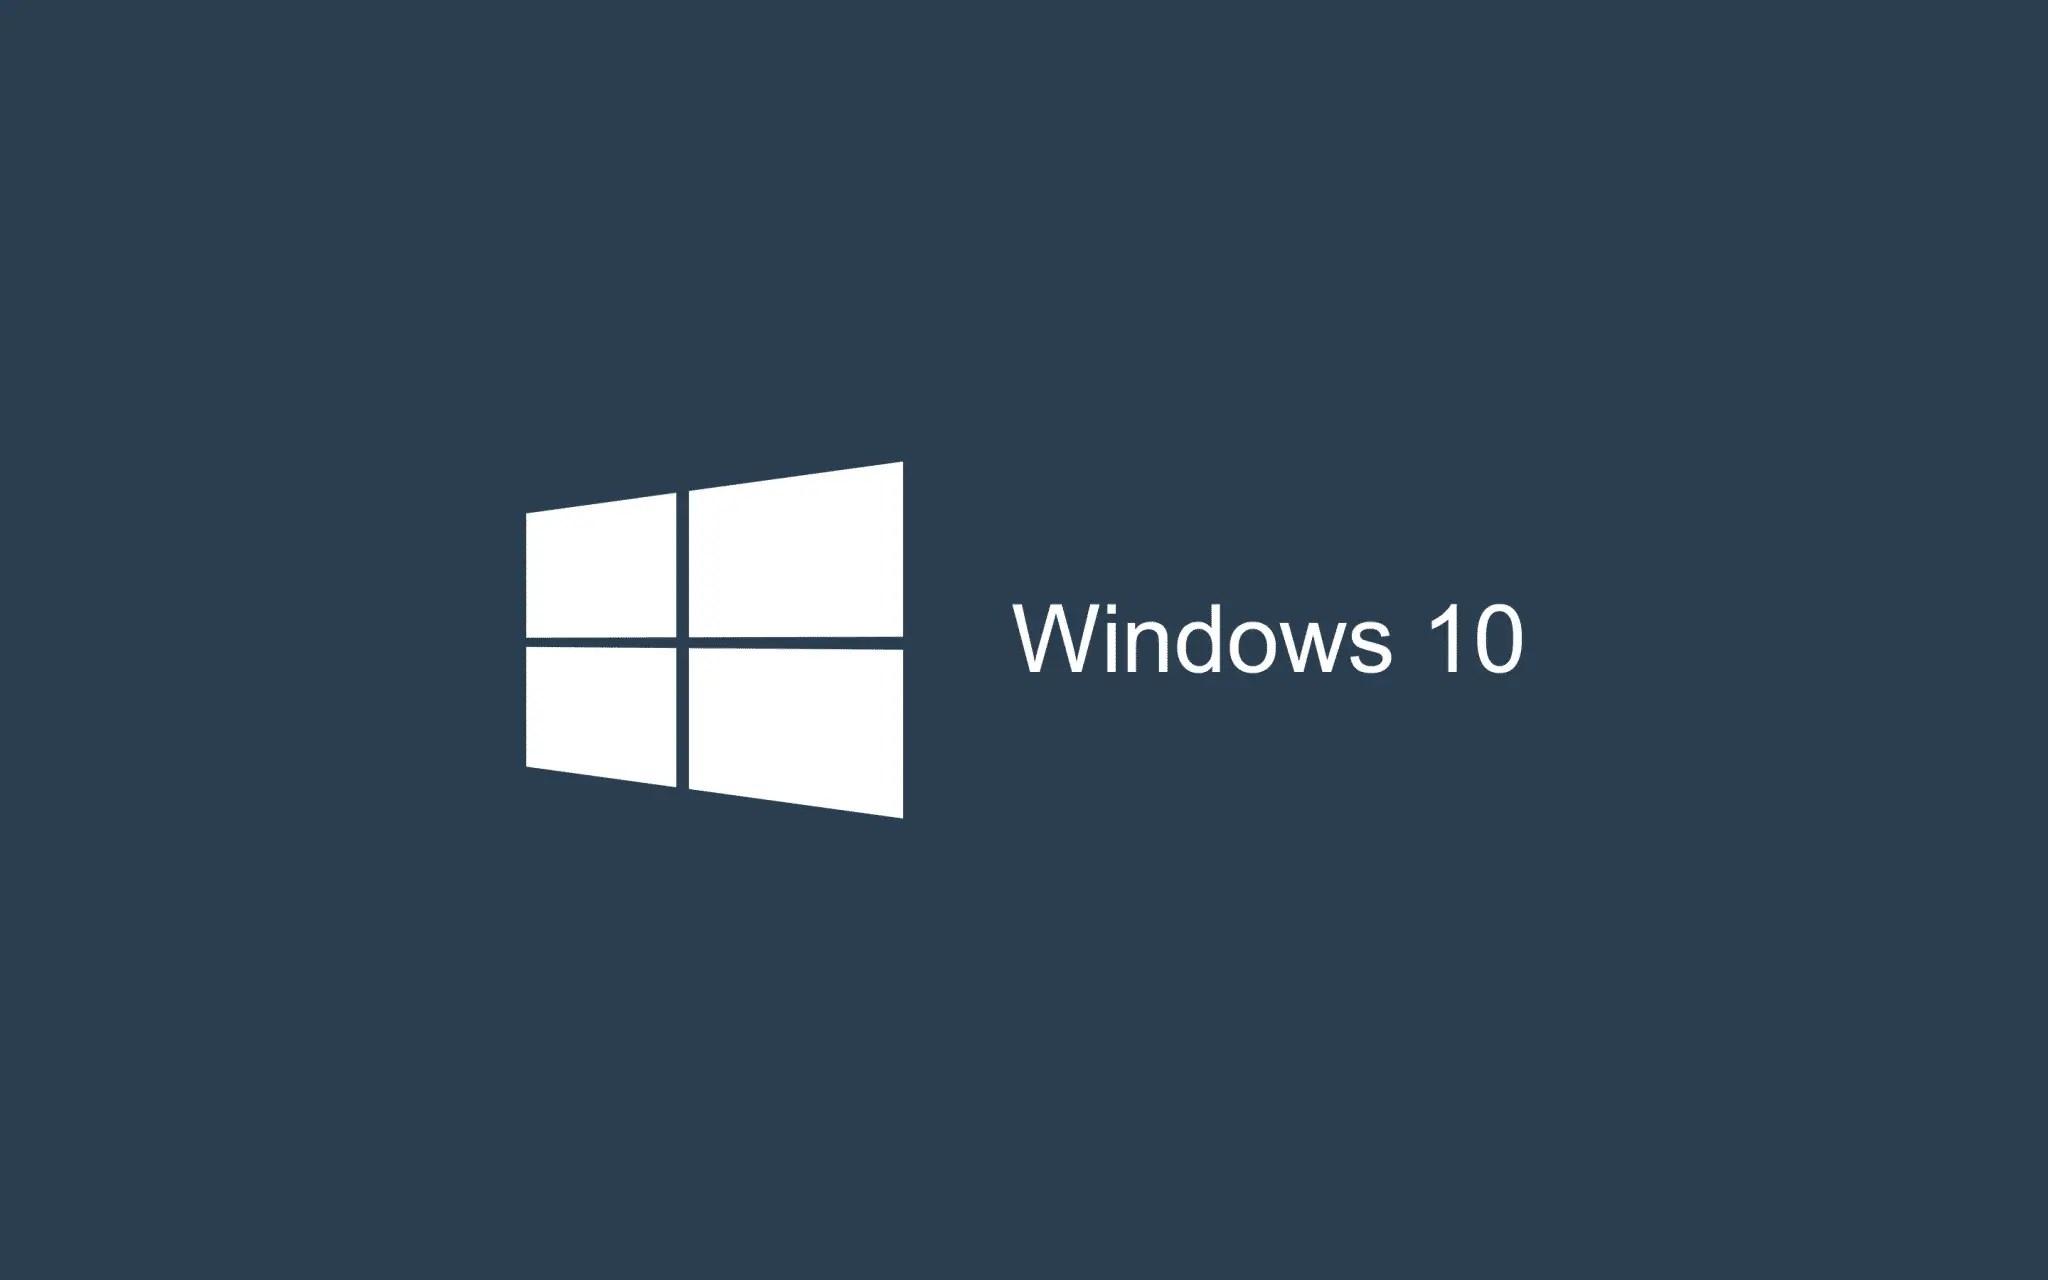 Dark blue Wallpaper Windows 10 HD 2880x1800